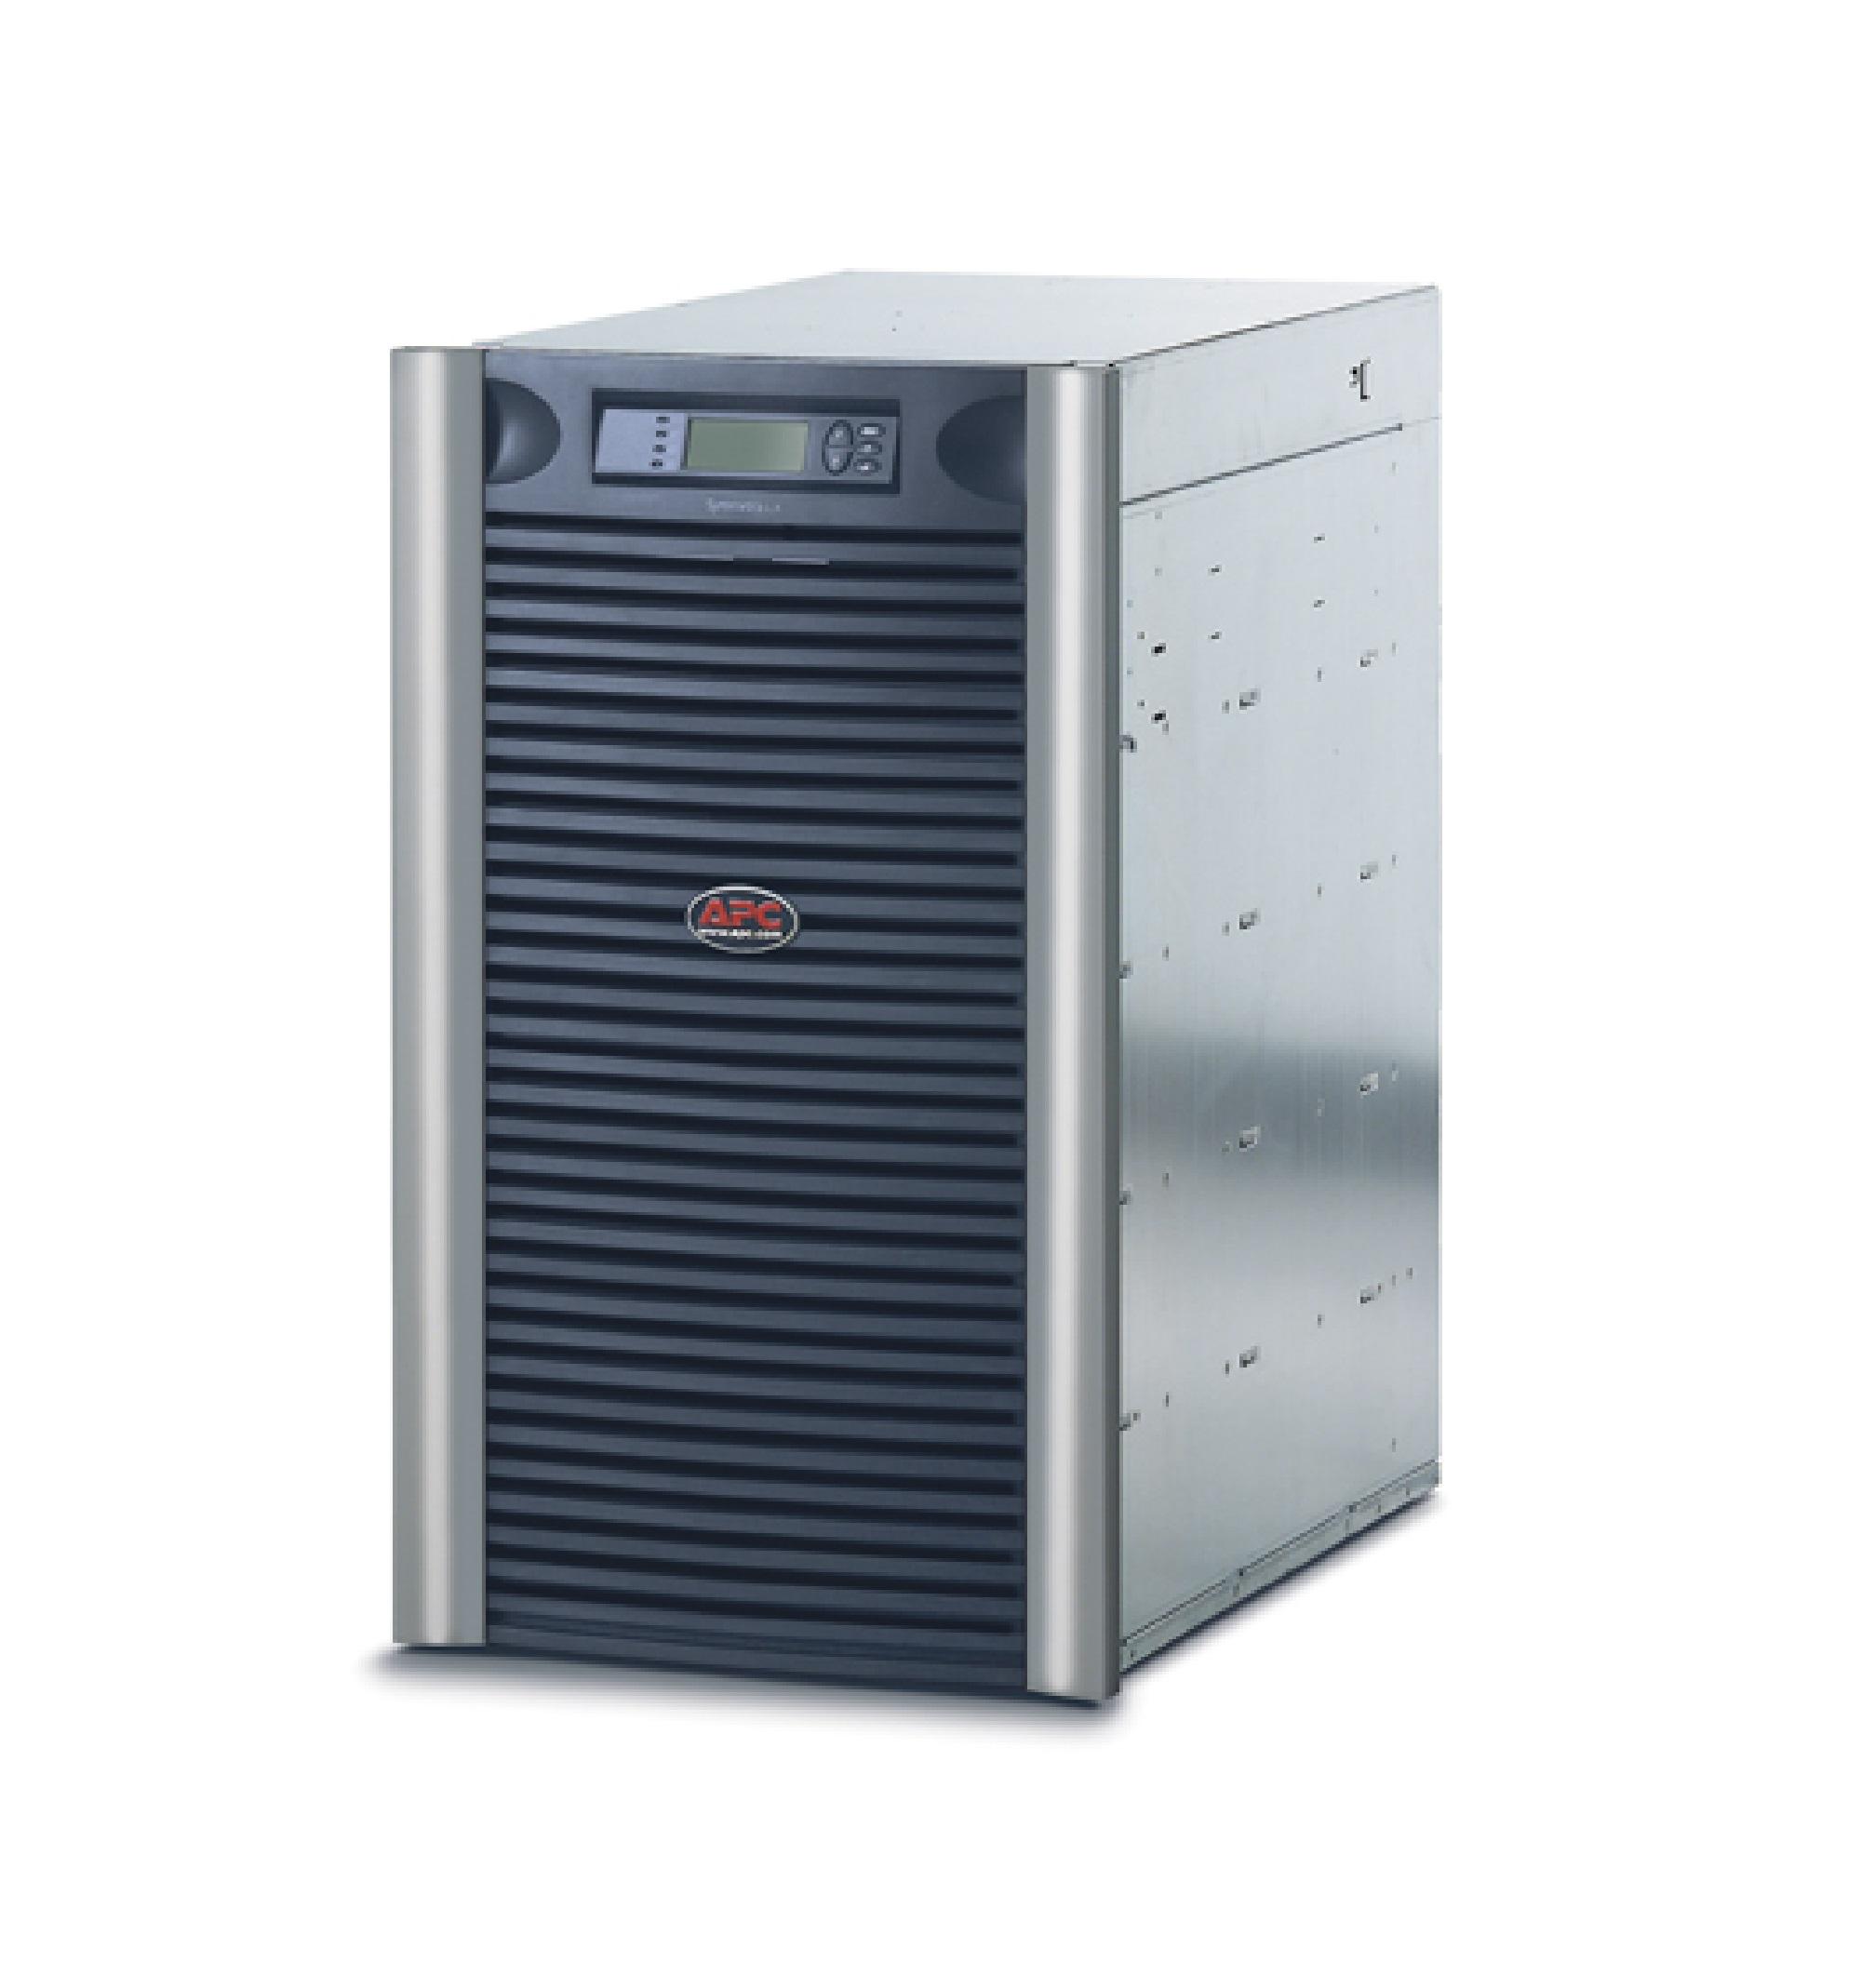 Symmetra LX da APC, 12 kVA escalável a 16 kVA, N+1 para rack, 208/240 V